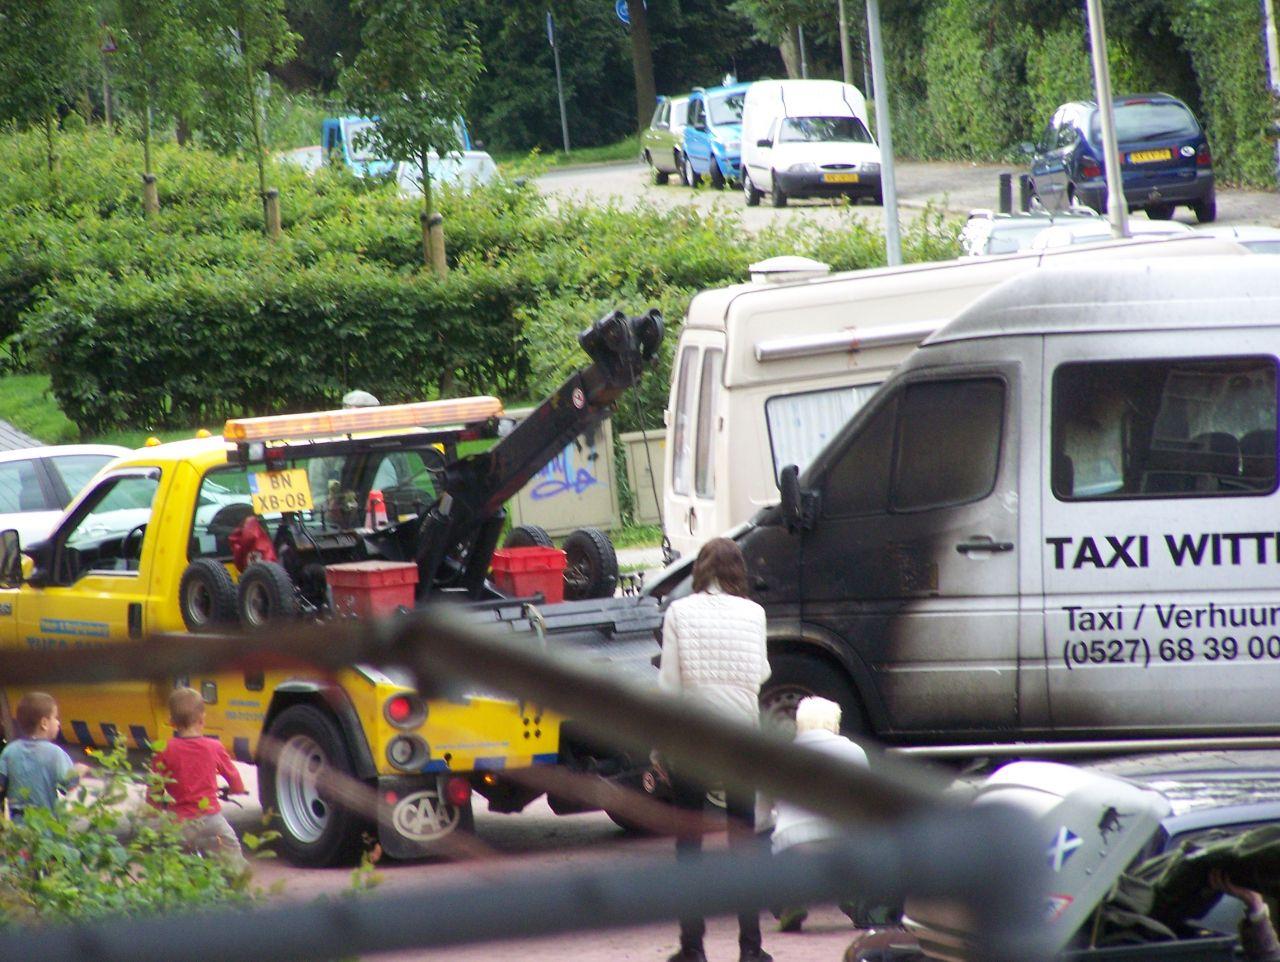 Taxibus uitgebrand